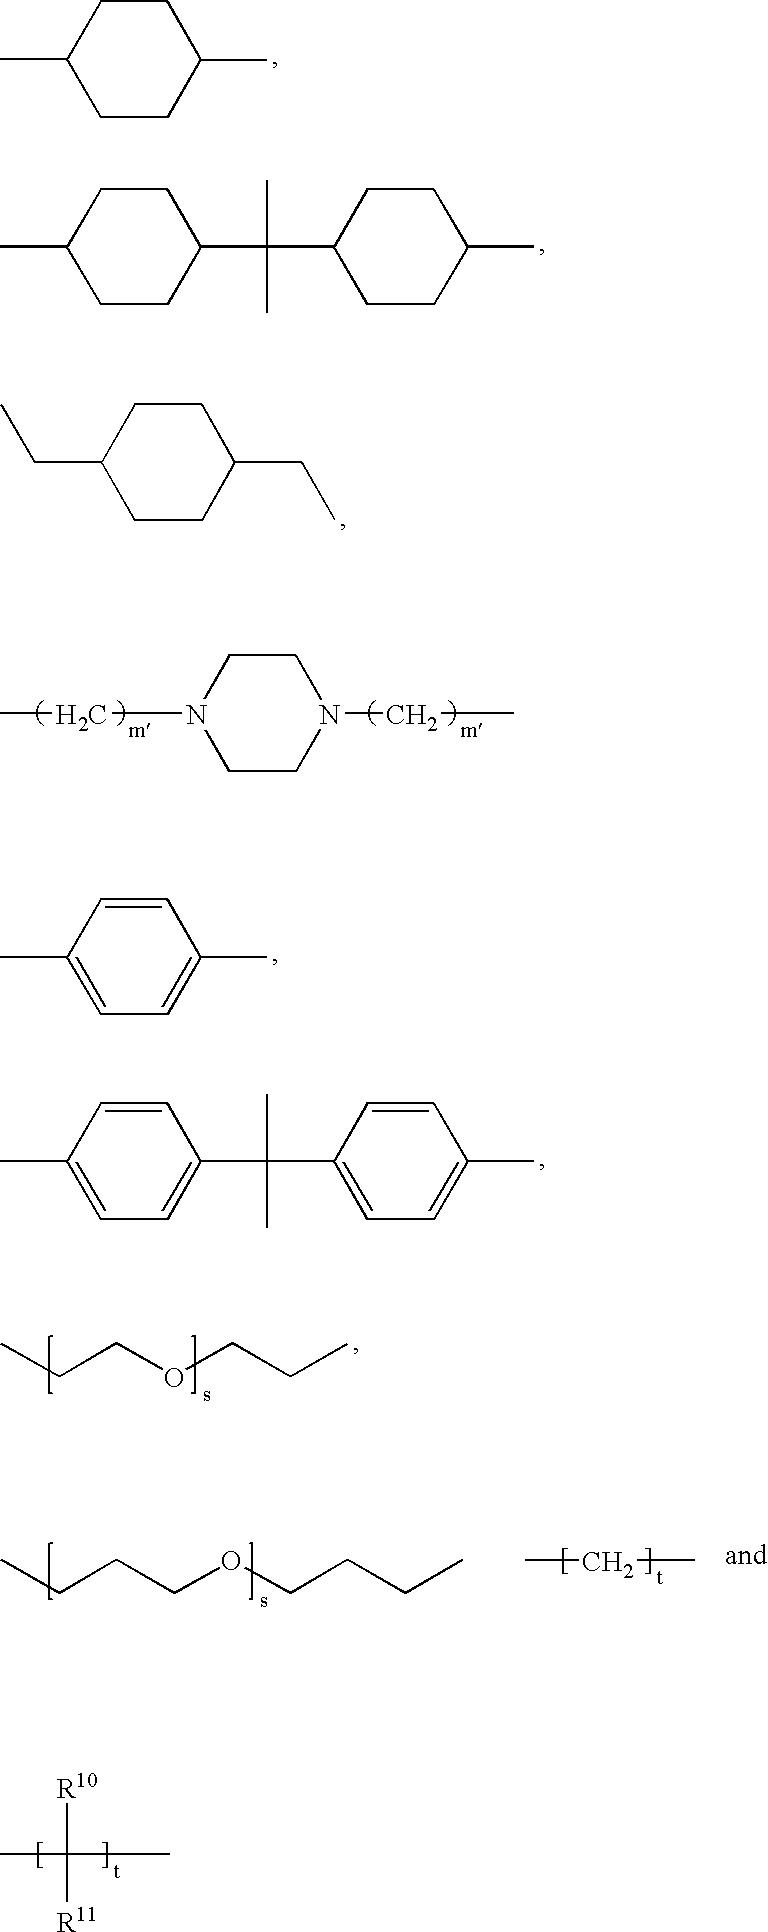 Figure US20060235084A1-20061019-C00003